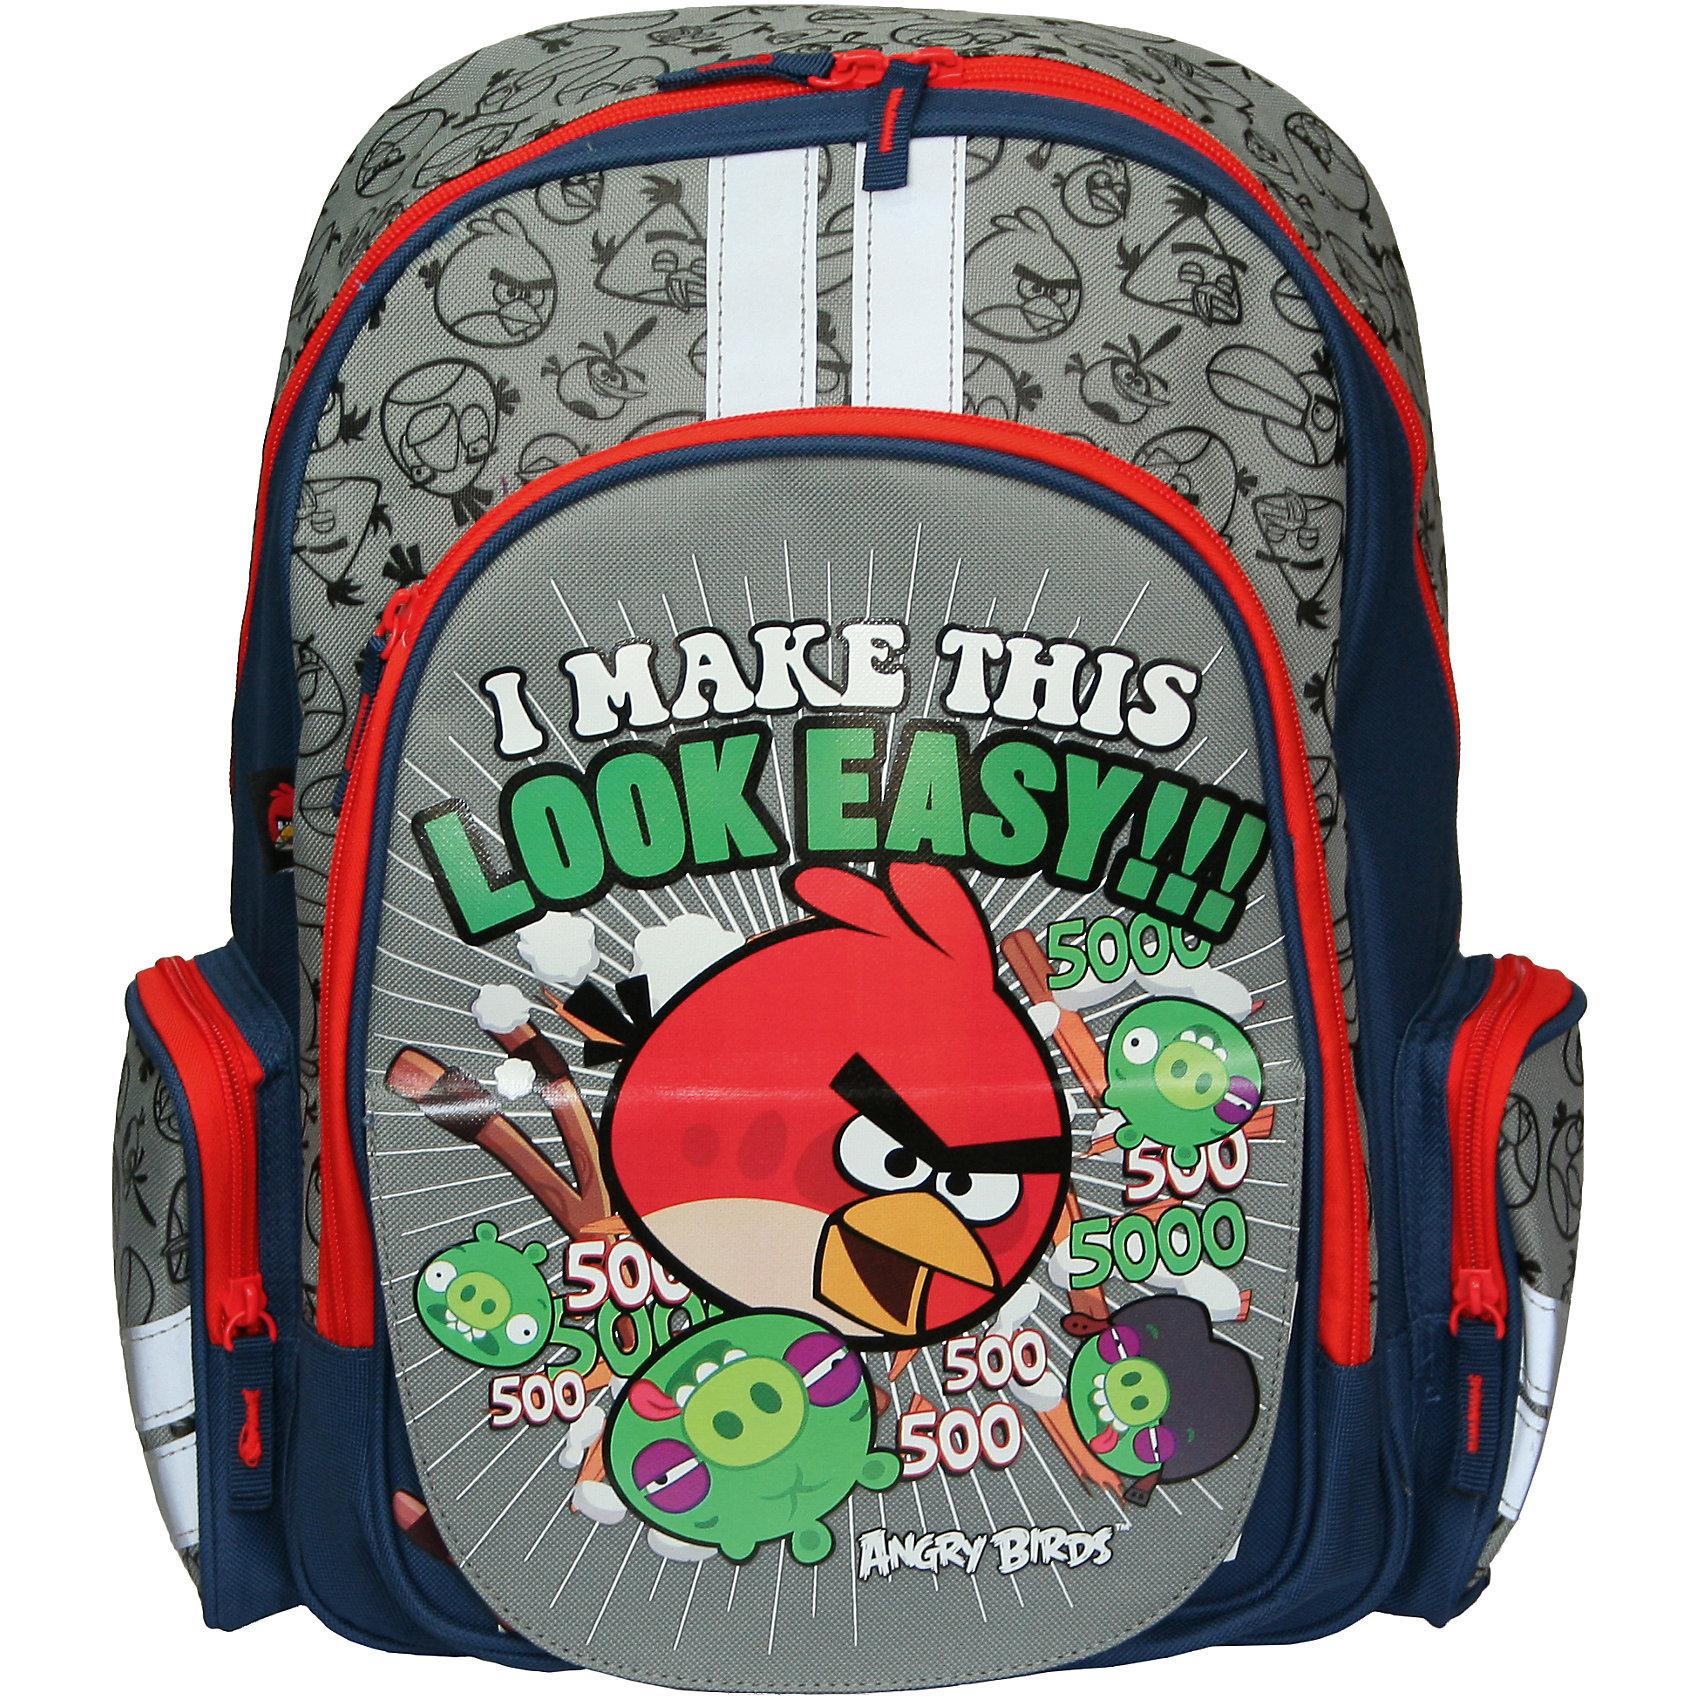 Рюкзак спортивный для путешествий, Angry BirdsДорожные сумки и чемоданы<br>Рюкзак спортивный для путешествий, Angry Birds (Энгри Бердс) — необходимая вещь для активного ребенка. Рюкзак украшен изображением популярных Angry Birds, героев одноименной игры. Рюкзак имеет отличительную особенность — на передней стороне имеется возможность поменять картинку, отогнув верхний слой внешнего кармана. Множество карманов рюкзачка позволят оптимально распределить все необходимые вещи. Оснащен мягкой EVA-спинкой, которая способна принимать форму спины ребенка и сохранять при этом форму конструкции рюкзака неизменной. Этим объясняется долговечность и надежность данной модели.<br><br>Карманы: <br>- вместительный наружный карман на молнии предназначен для предметов средних и крупных размеров, <br>- два боковых кармана на молнии предназначены для предметов мелких размеров.<br>- внутренний карман из сеточной ткани<br><br>Основной отдел на молнии имеет 3 отделения и может размещать изделия размером до А4 формата включительно.<br><br>Порадуйте Вашего  ребенка прекрасным подарком!<br><br>Дополнительная информация:<br><br>- Материал: текстиль, пластик<br>- Размер: 38 х 29 х 13 см<br>- Вес: 735 г.<br><br>Рюкзак спортивный для путешествий, Angry Birds (Злые Птички) можно купить в нашем интернет-магазине.<br><br>Ширина мм: 380<br>Глубина мм: 290<br>Высота мм: 130<br>Вес г: 735<br>Возраст от месяцев: 72<br>Возраст до месяцев: 108<br>Пол: Мужской<br>Возраст: Детский<br>SKU: 3563156